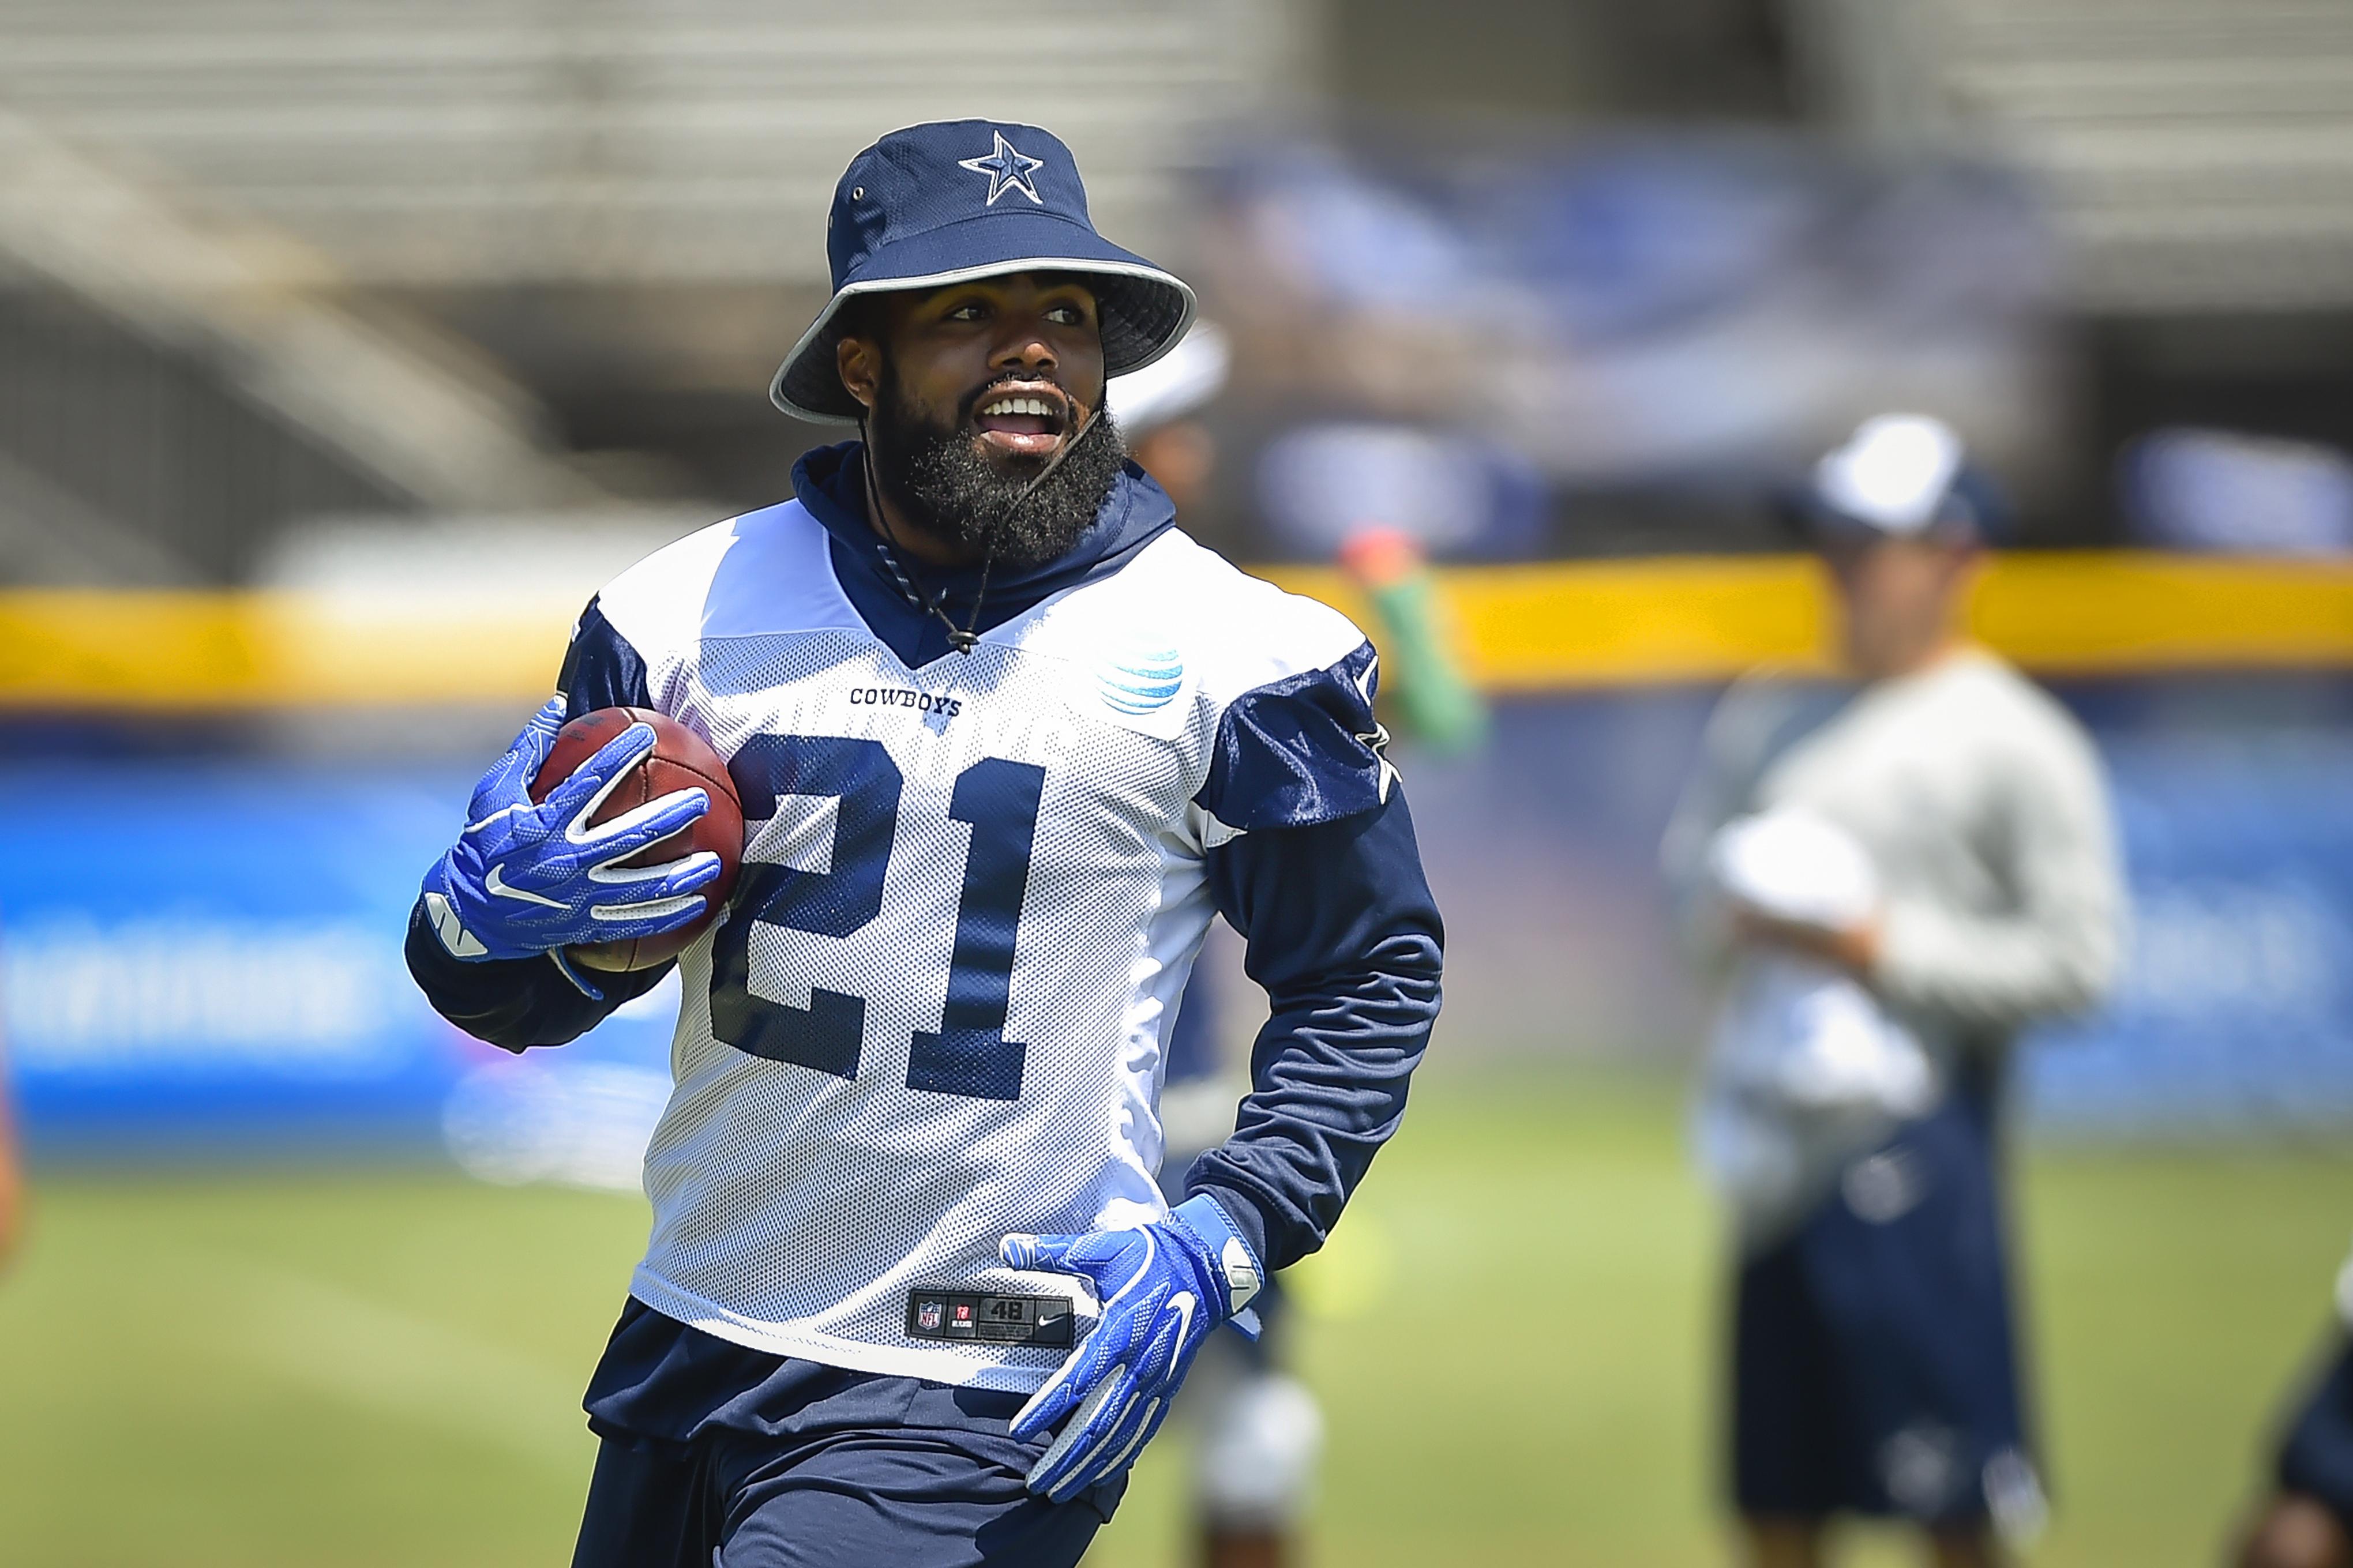 Ezekiel Elliott led the NFL in rushing as a rookie last season. (AP)